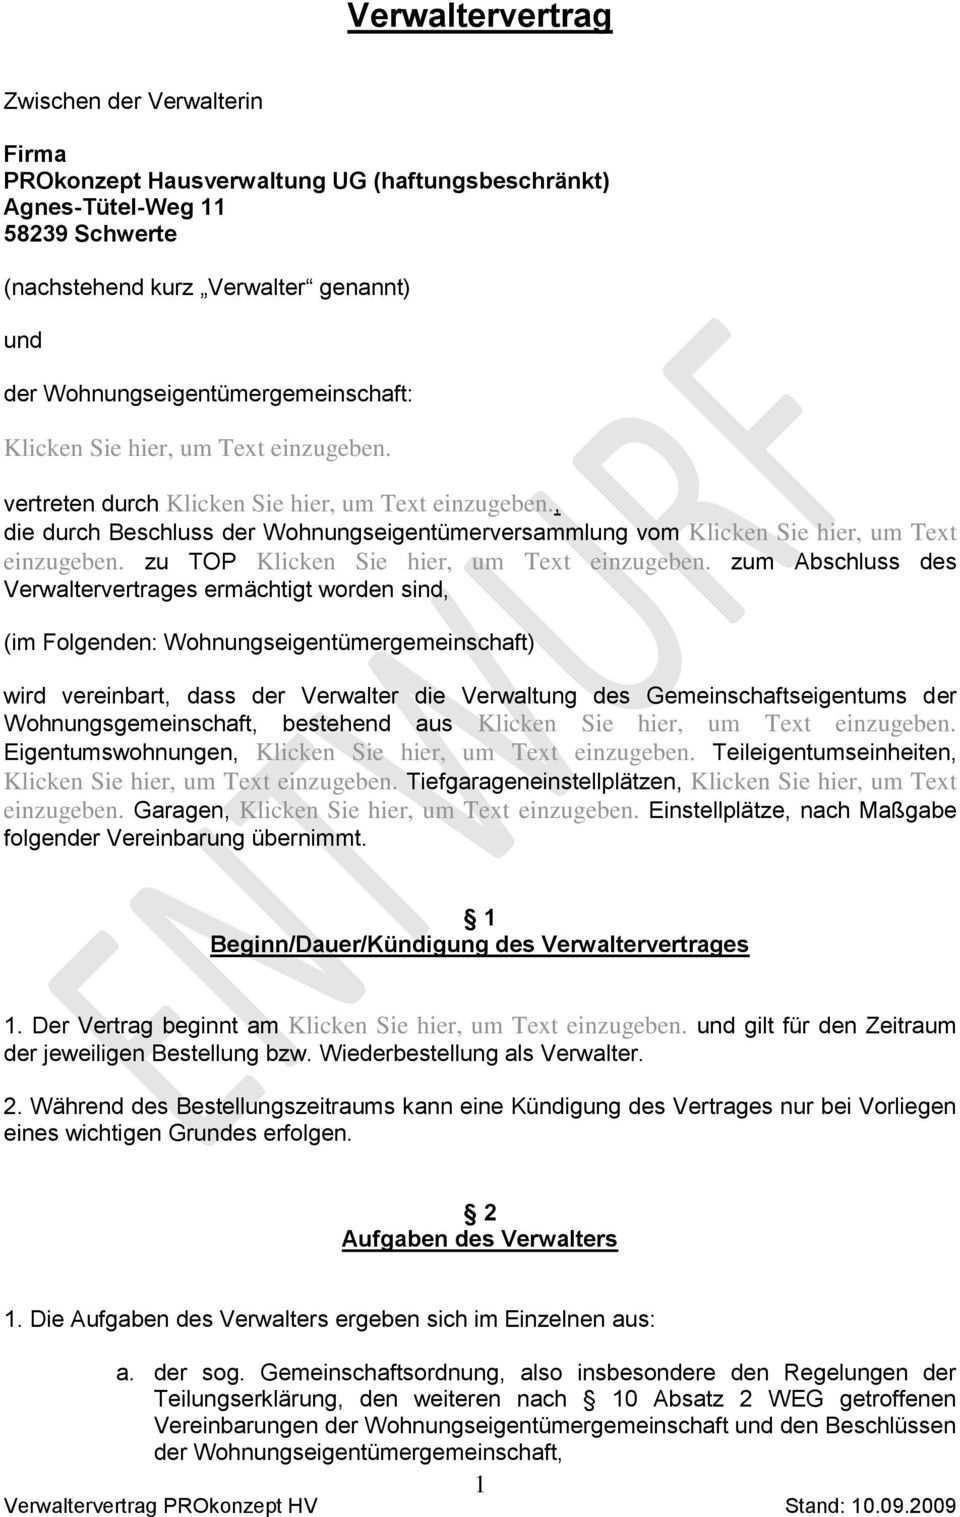 Verwaltervertrag Beginn Dauer Kundigung Des Verwaltervertrages Pdf Free Download